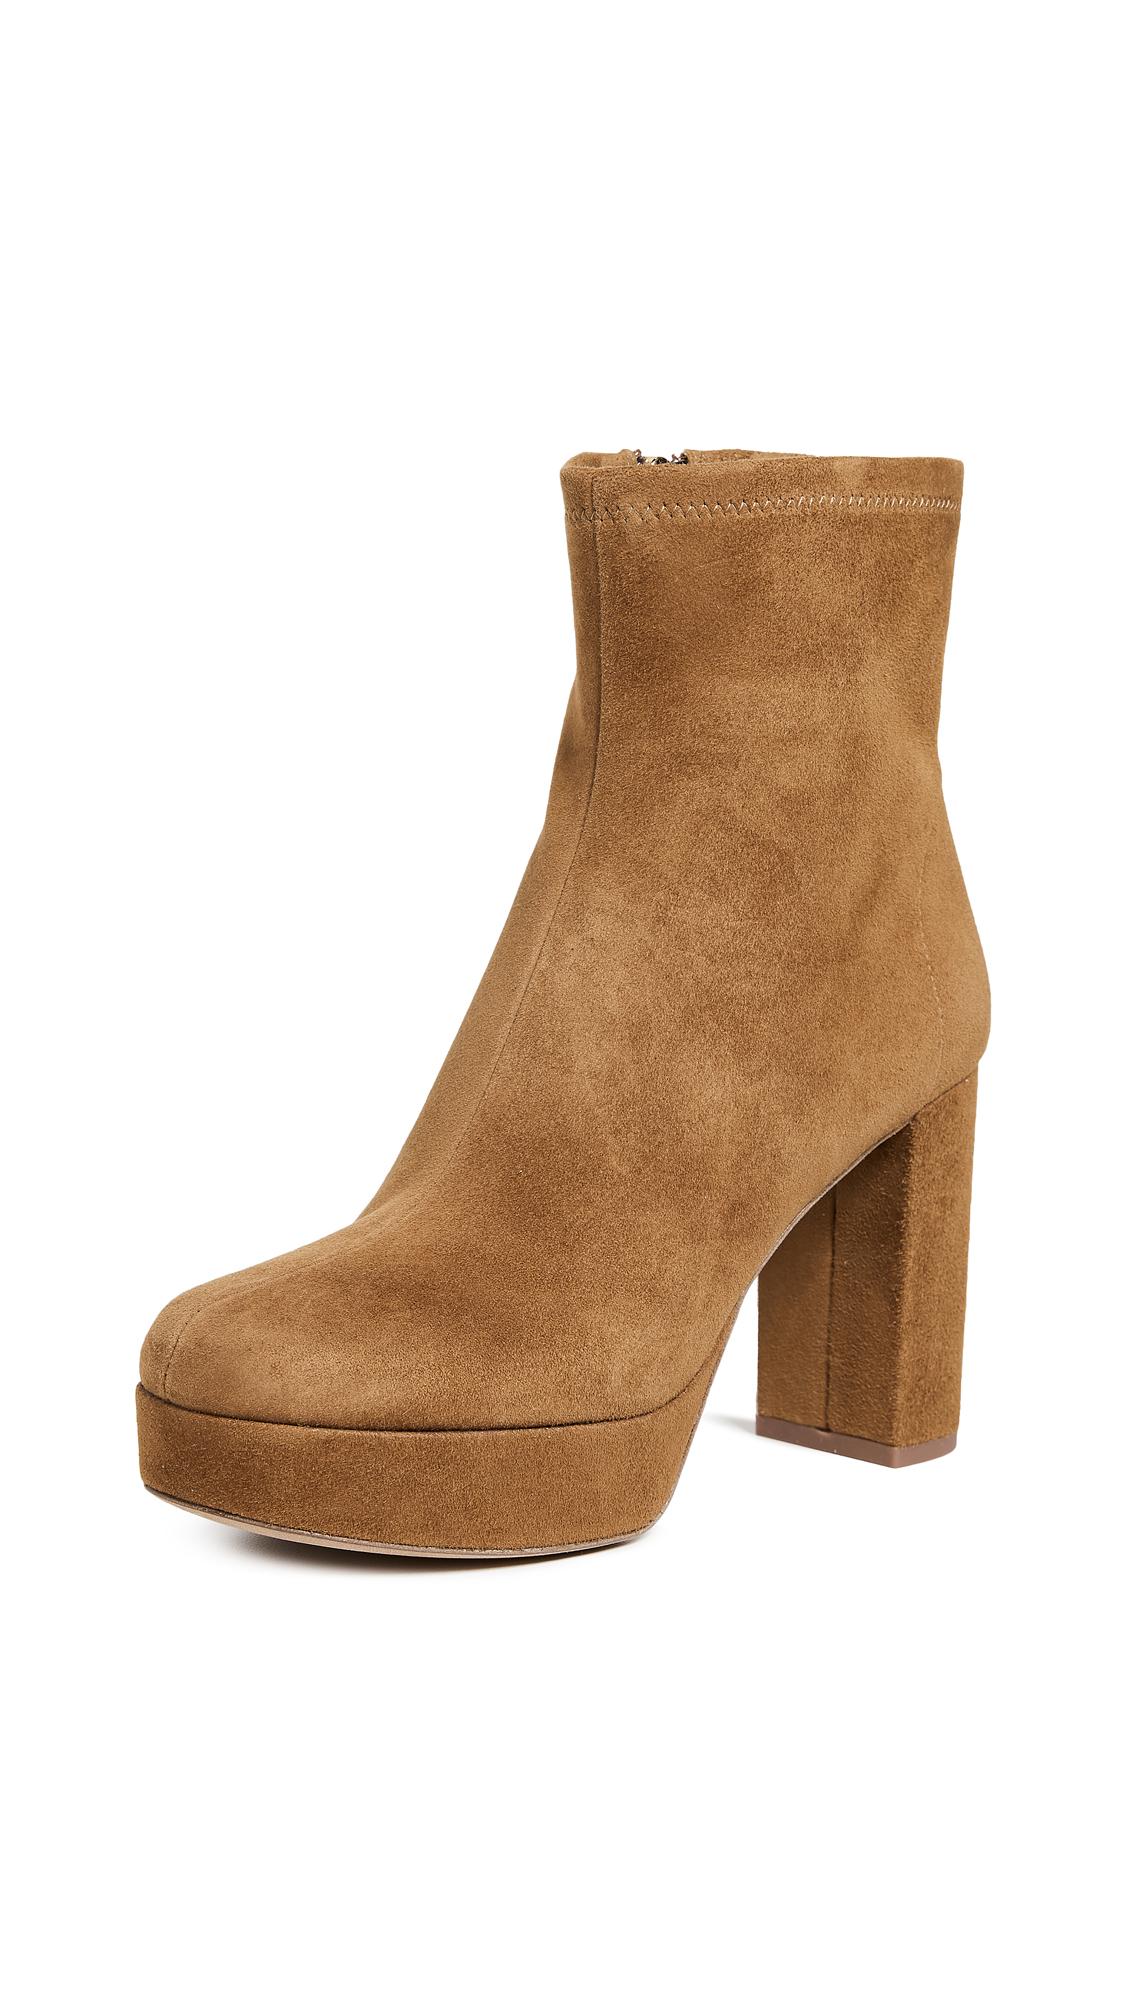 Diane von Furstenberg Yasmine Platform Boots - Sand